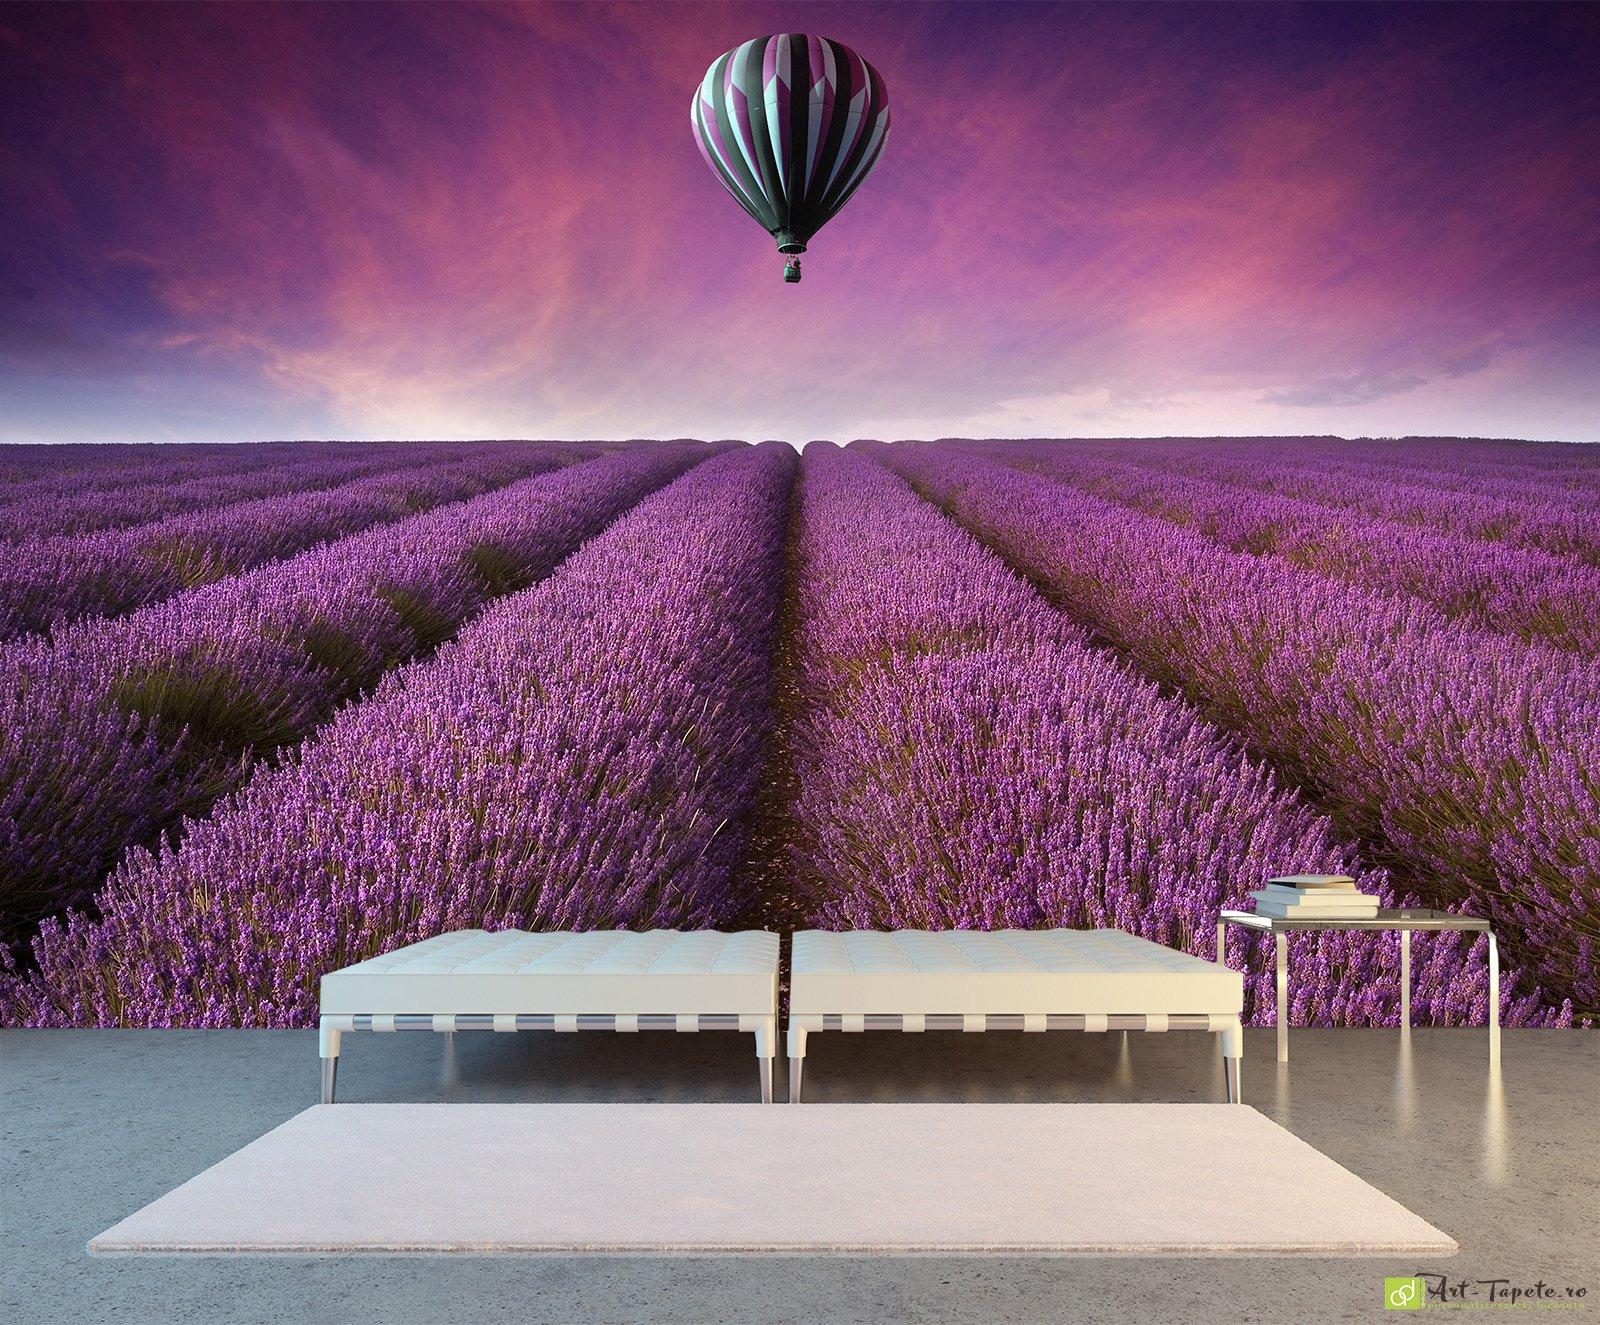 версии фото лаванда и воздушные шары прикрывает